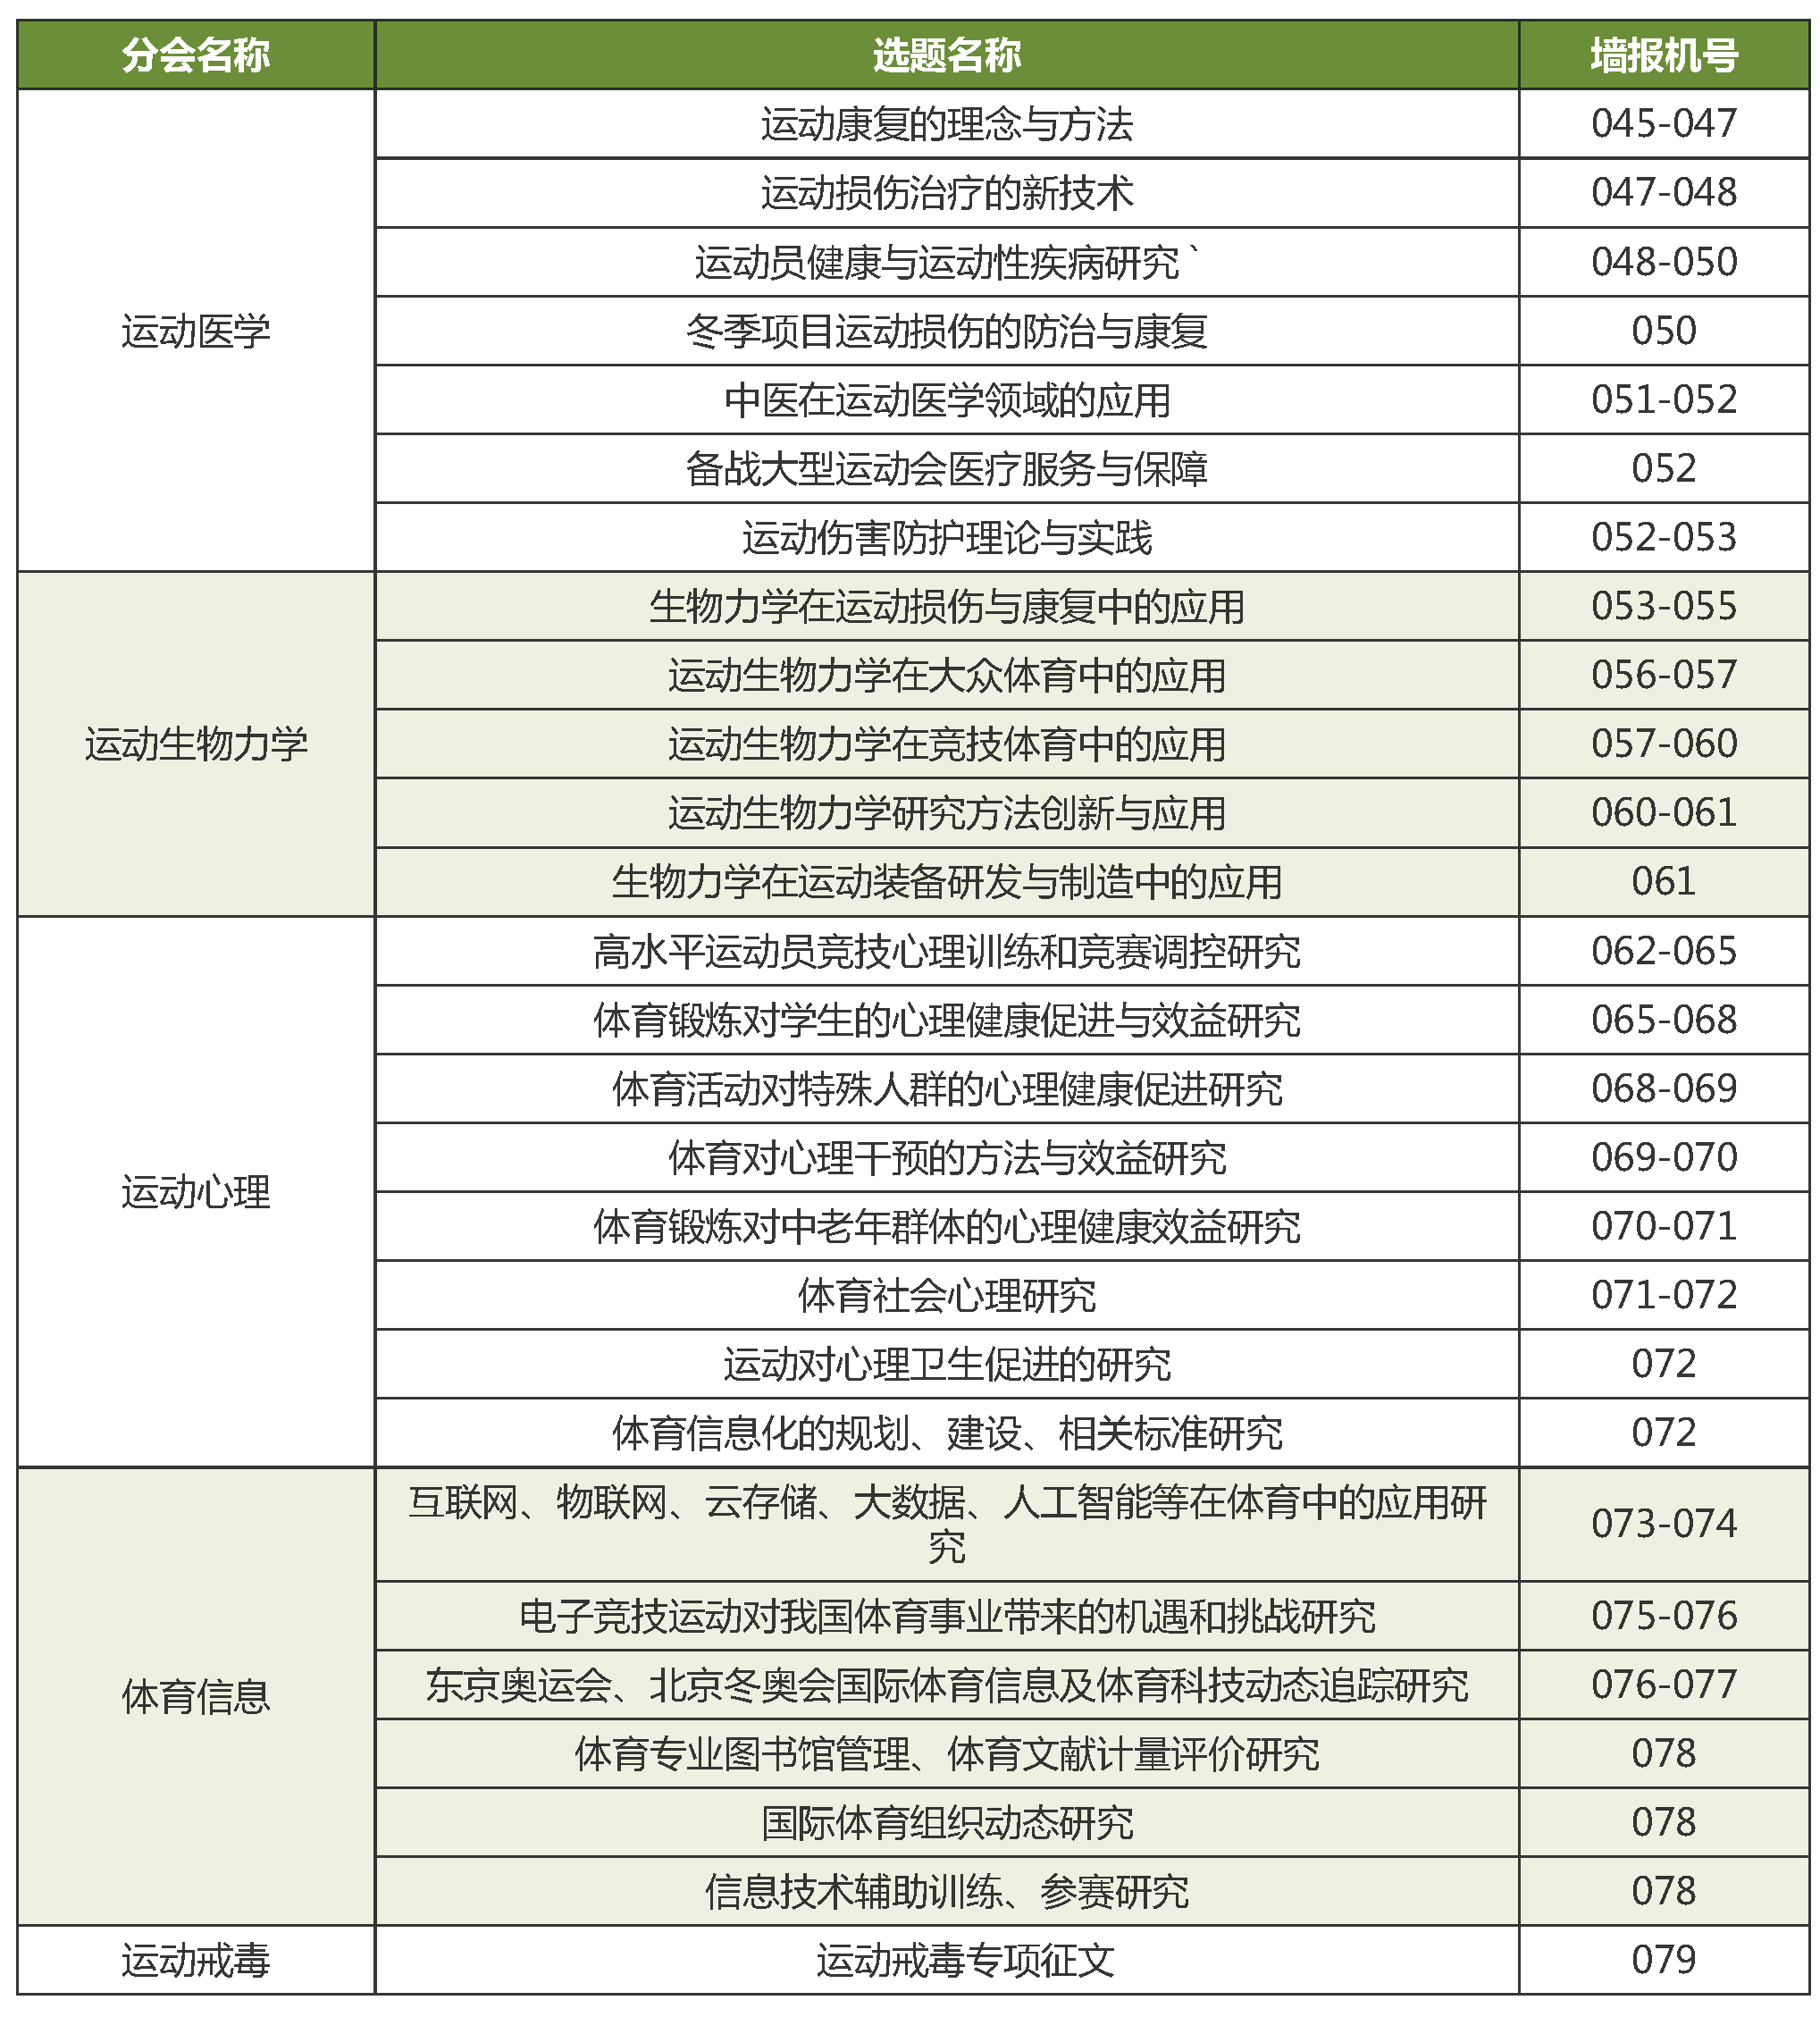 会议指南20191024-5_页面_028.png